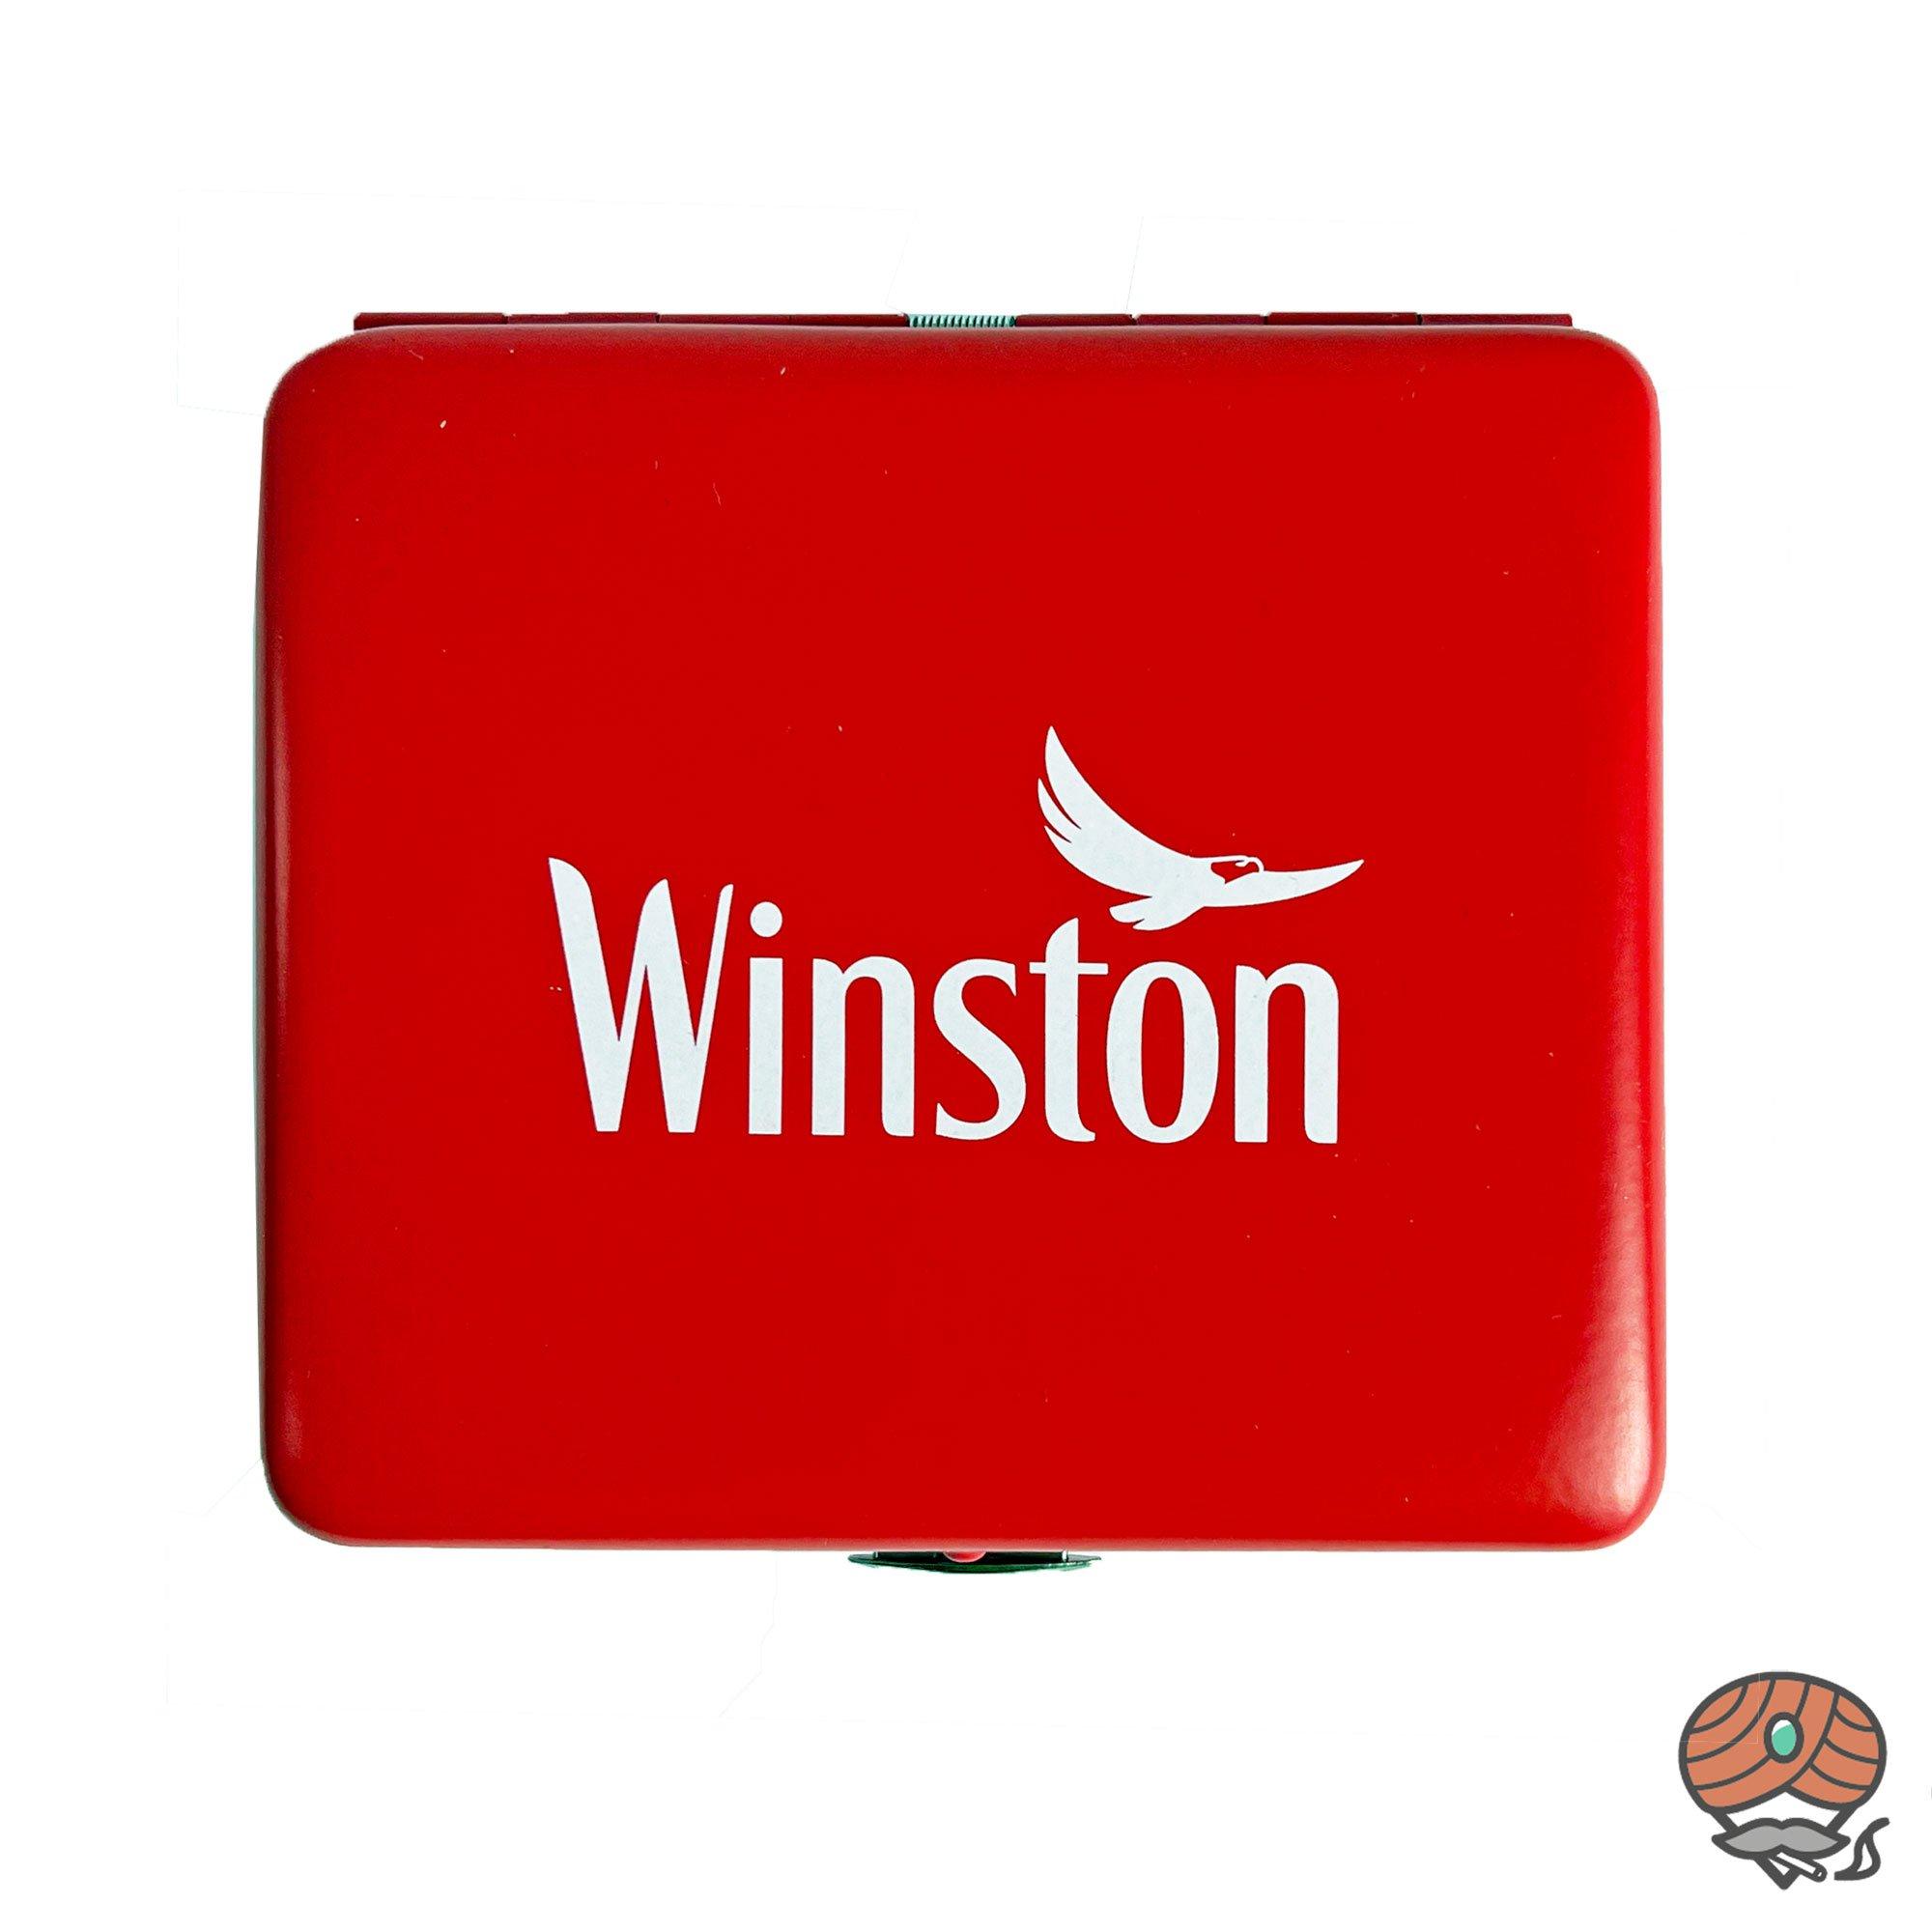 Winston Metall-Zigarettenetui mit Clip, Farbe Rot